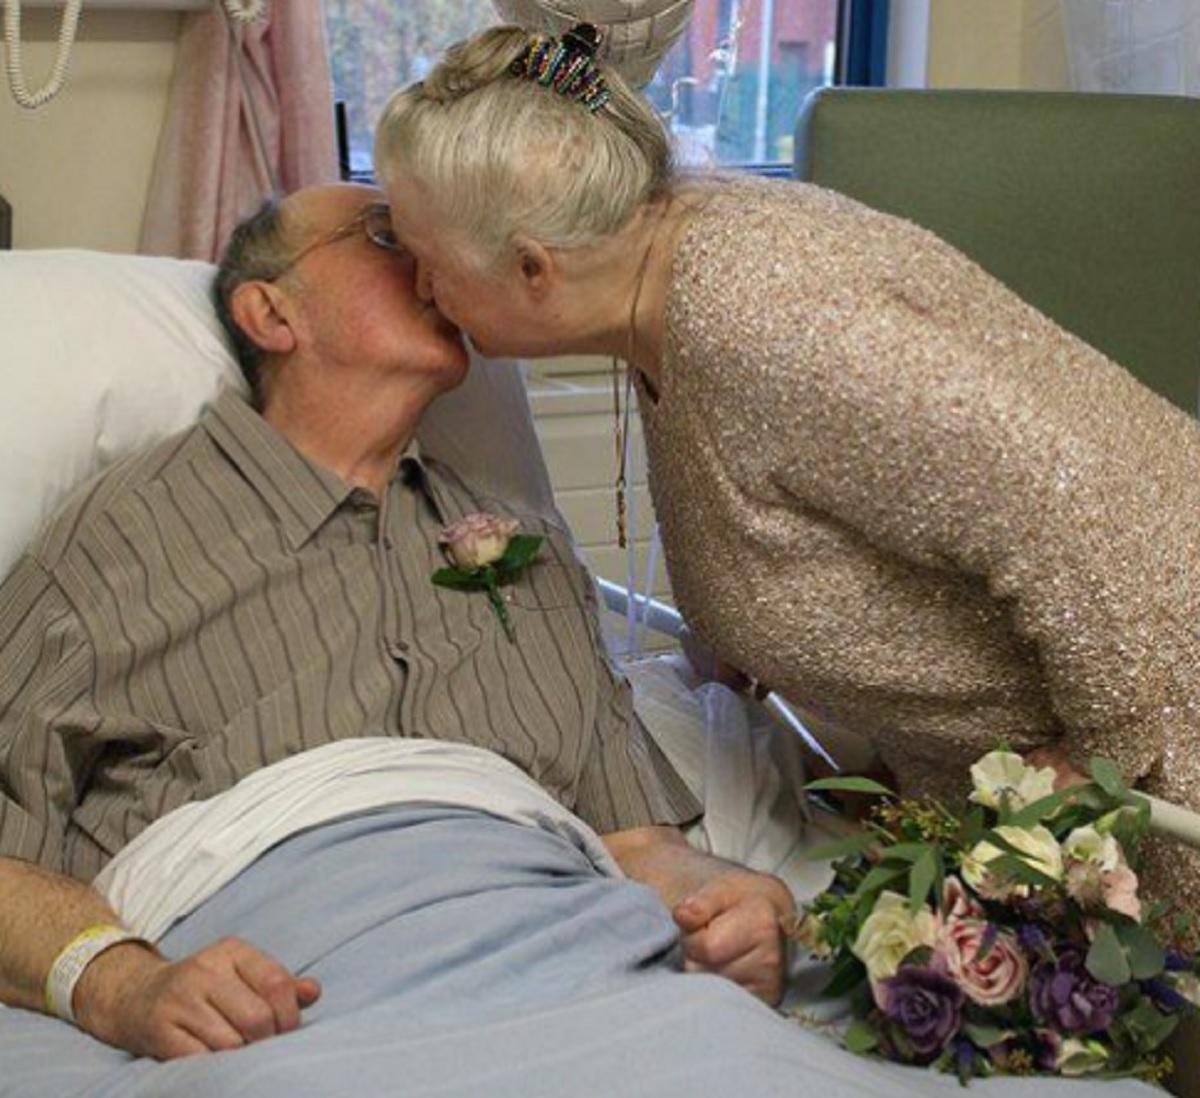 Doi bătrânei au reușit să înduioșeze milioane de oameni din întreaga lume. Aceștia au decis să își unească destinele după aproape 60 de ani de relație